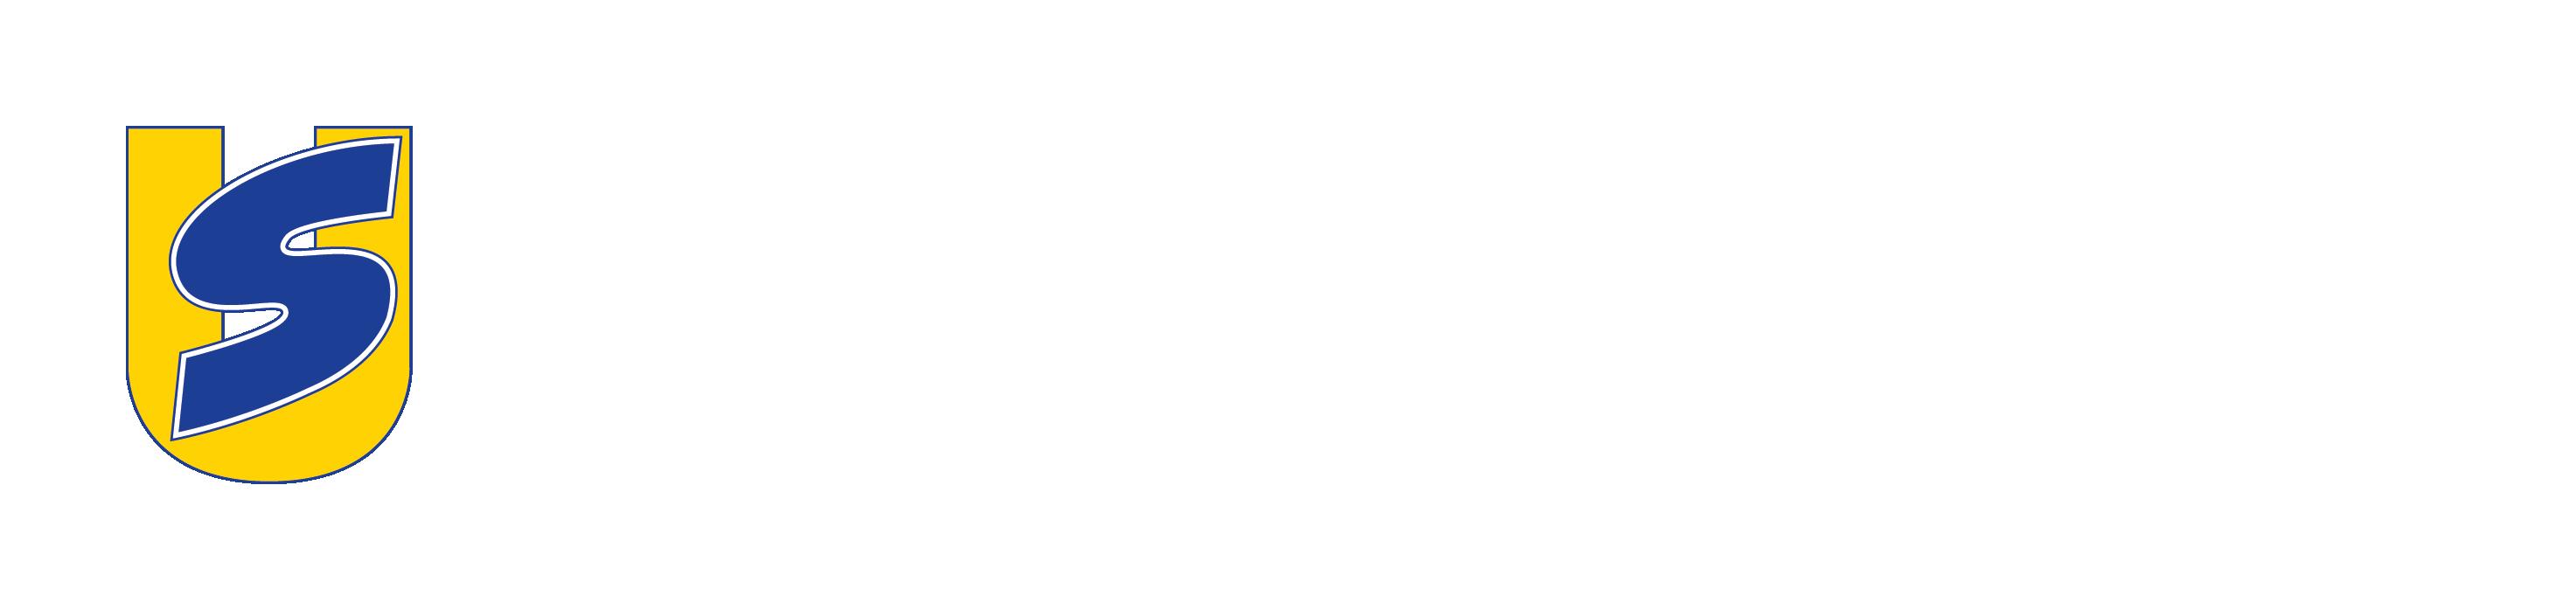 Southern Union logo